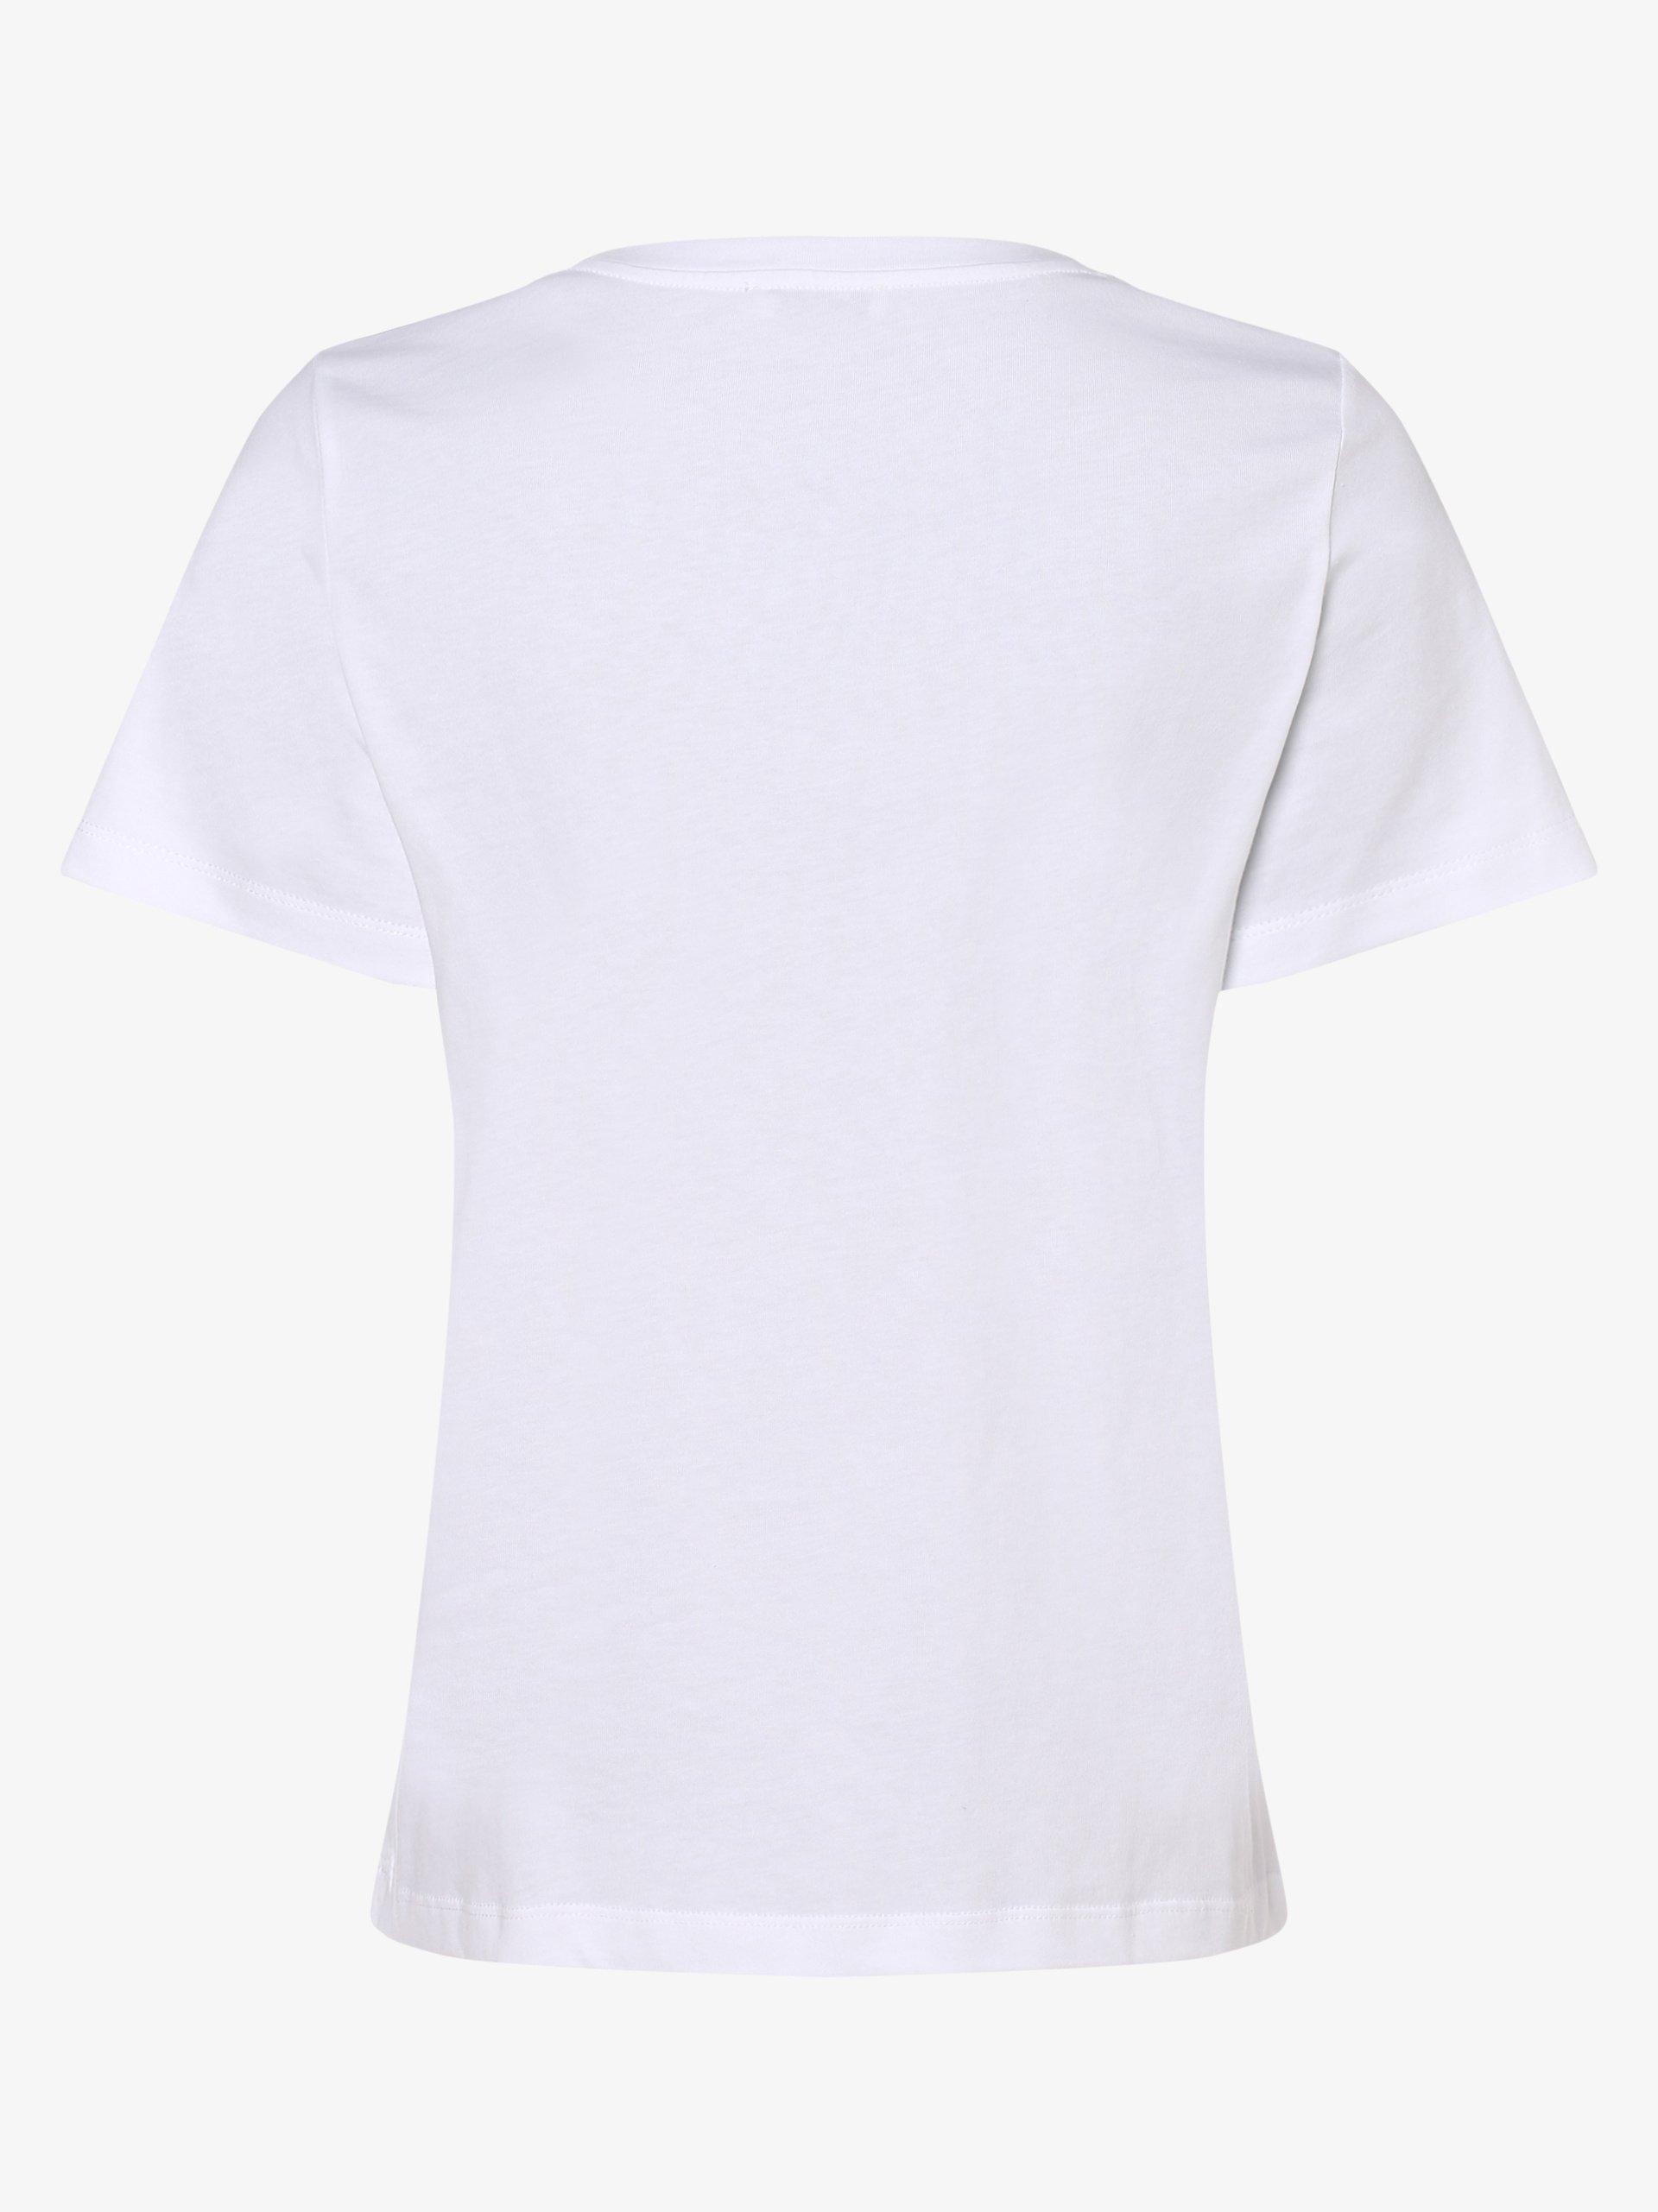 MAERZ Damen T-Shirt